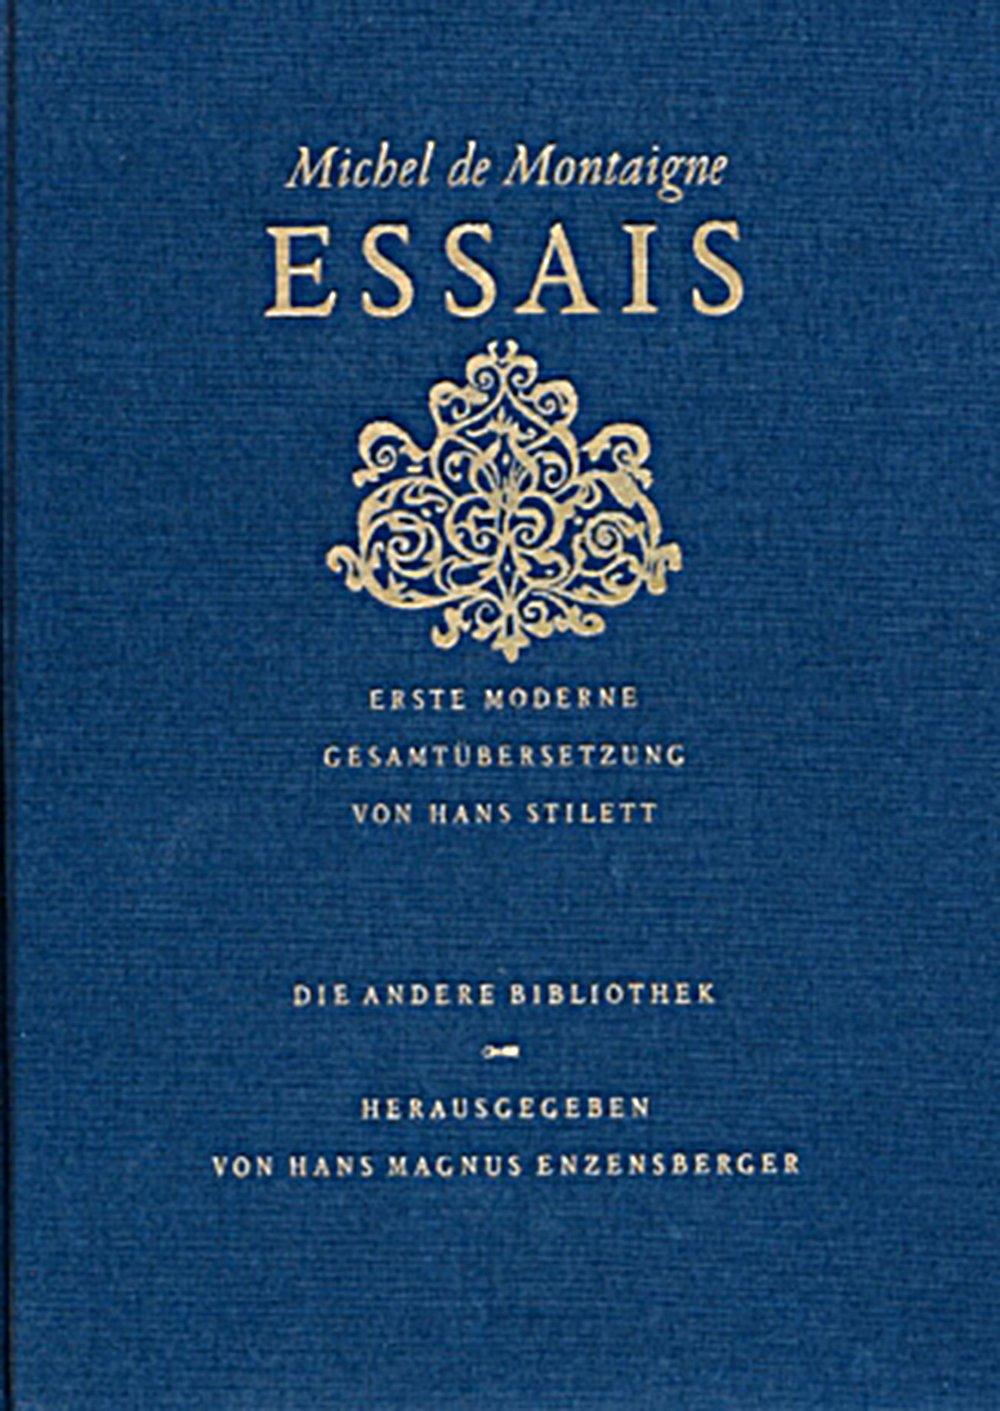 Essais: Erste moderne Gesamtübersetzung